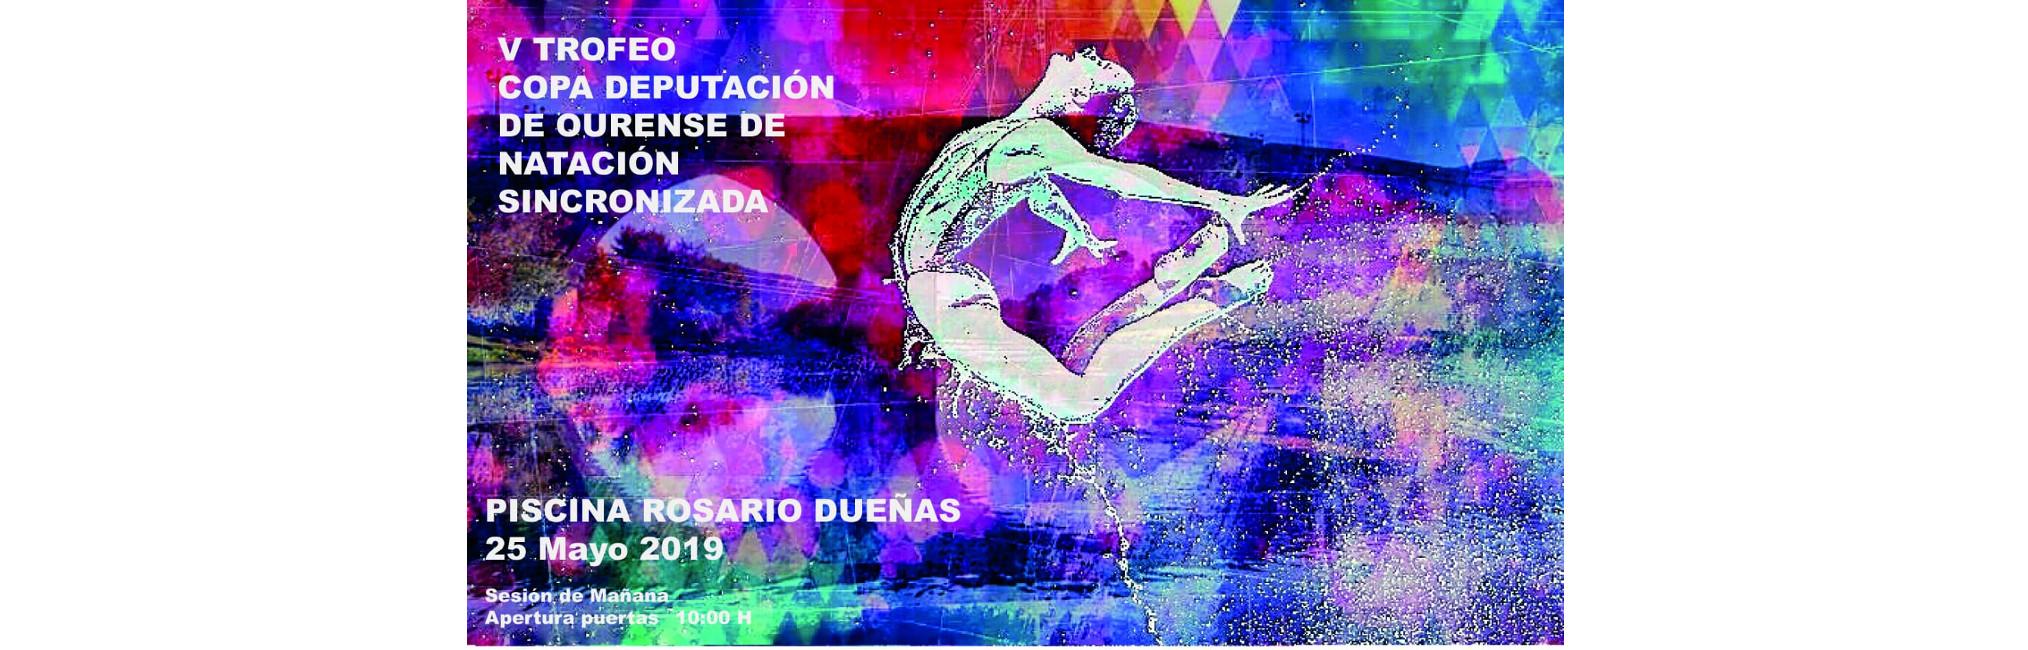 Cartel Trofeo Deputación Ourense 2019